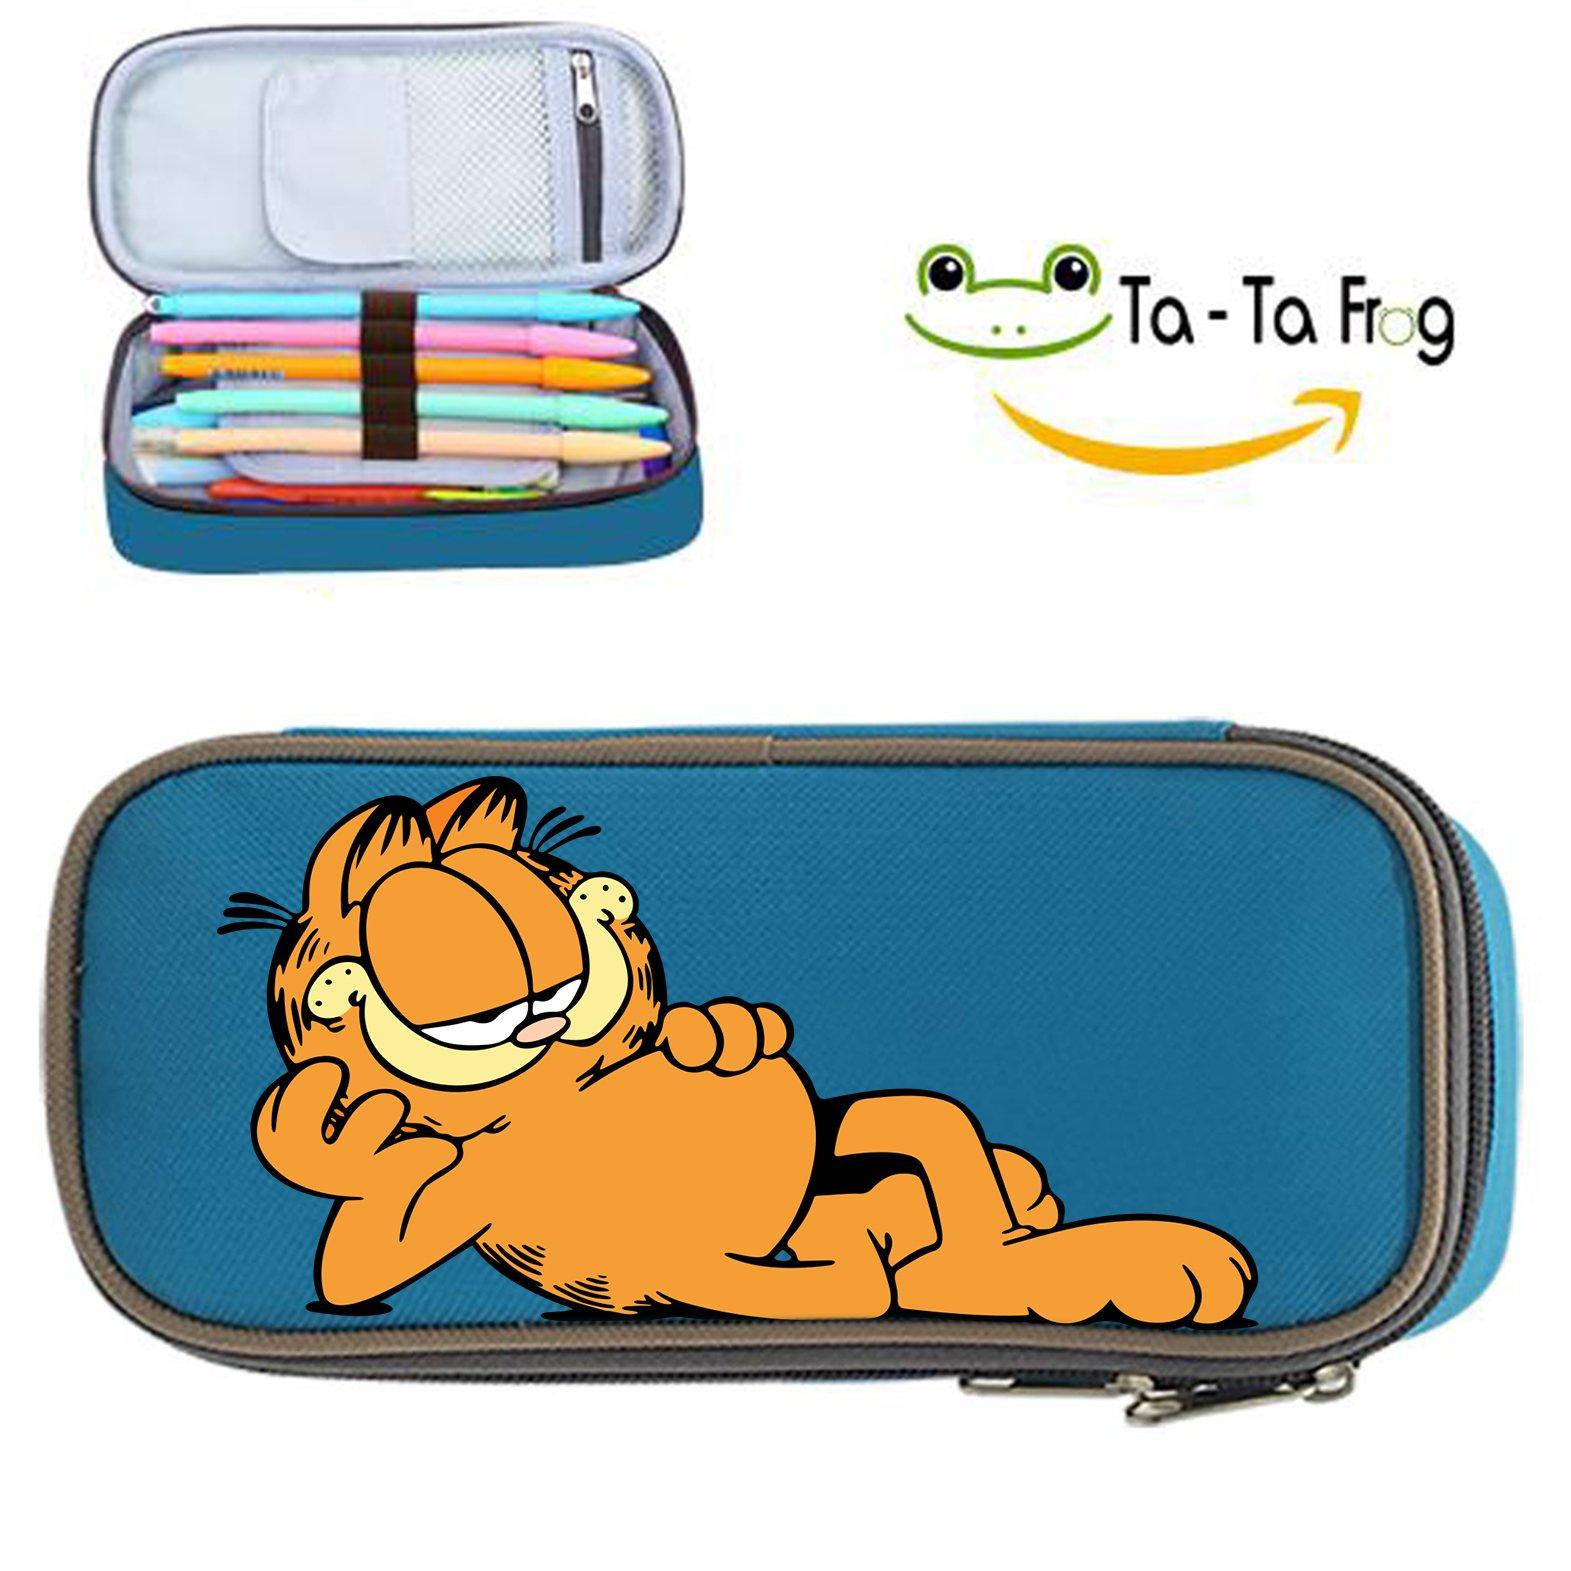 Garfield estuche Super gran capacidad caja de lápiz lápiz caso cosmético Bolsas de viaje bolsa de maquillaje: Amazon.es: Oficina y papelería